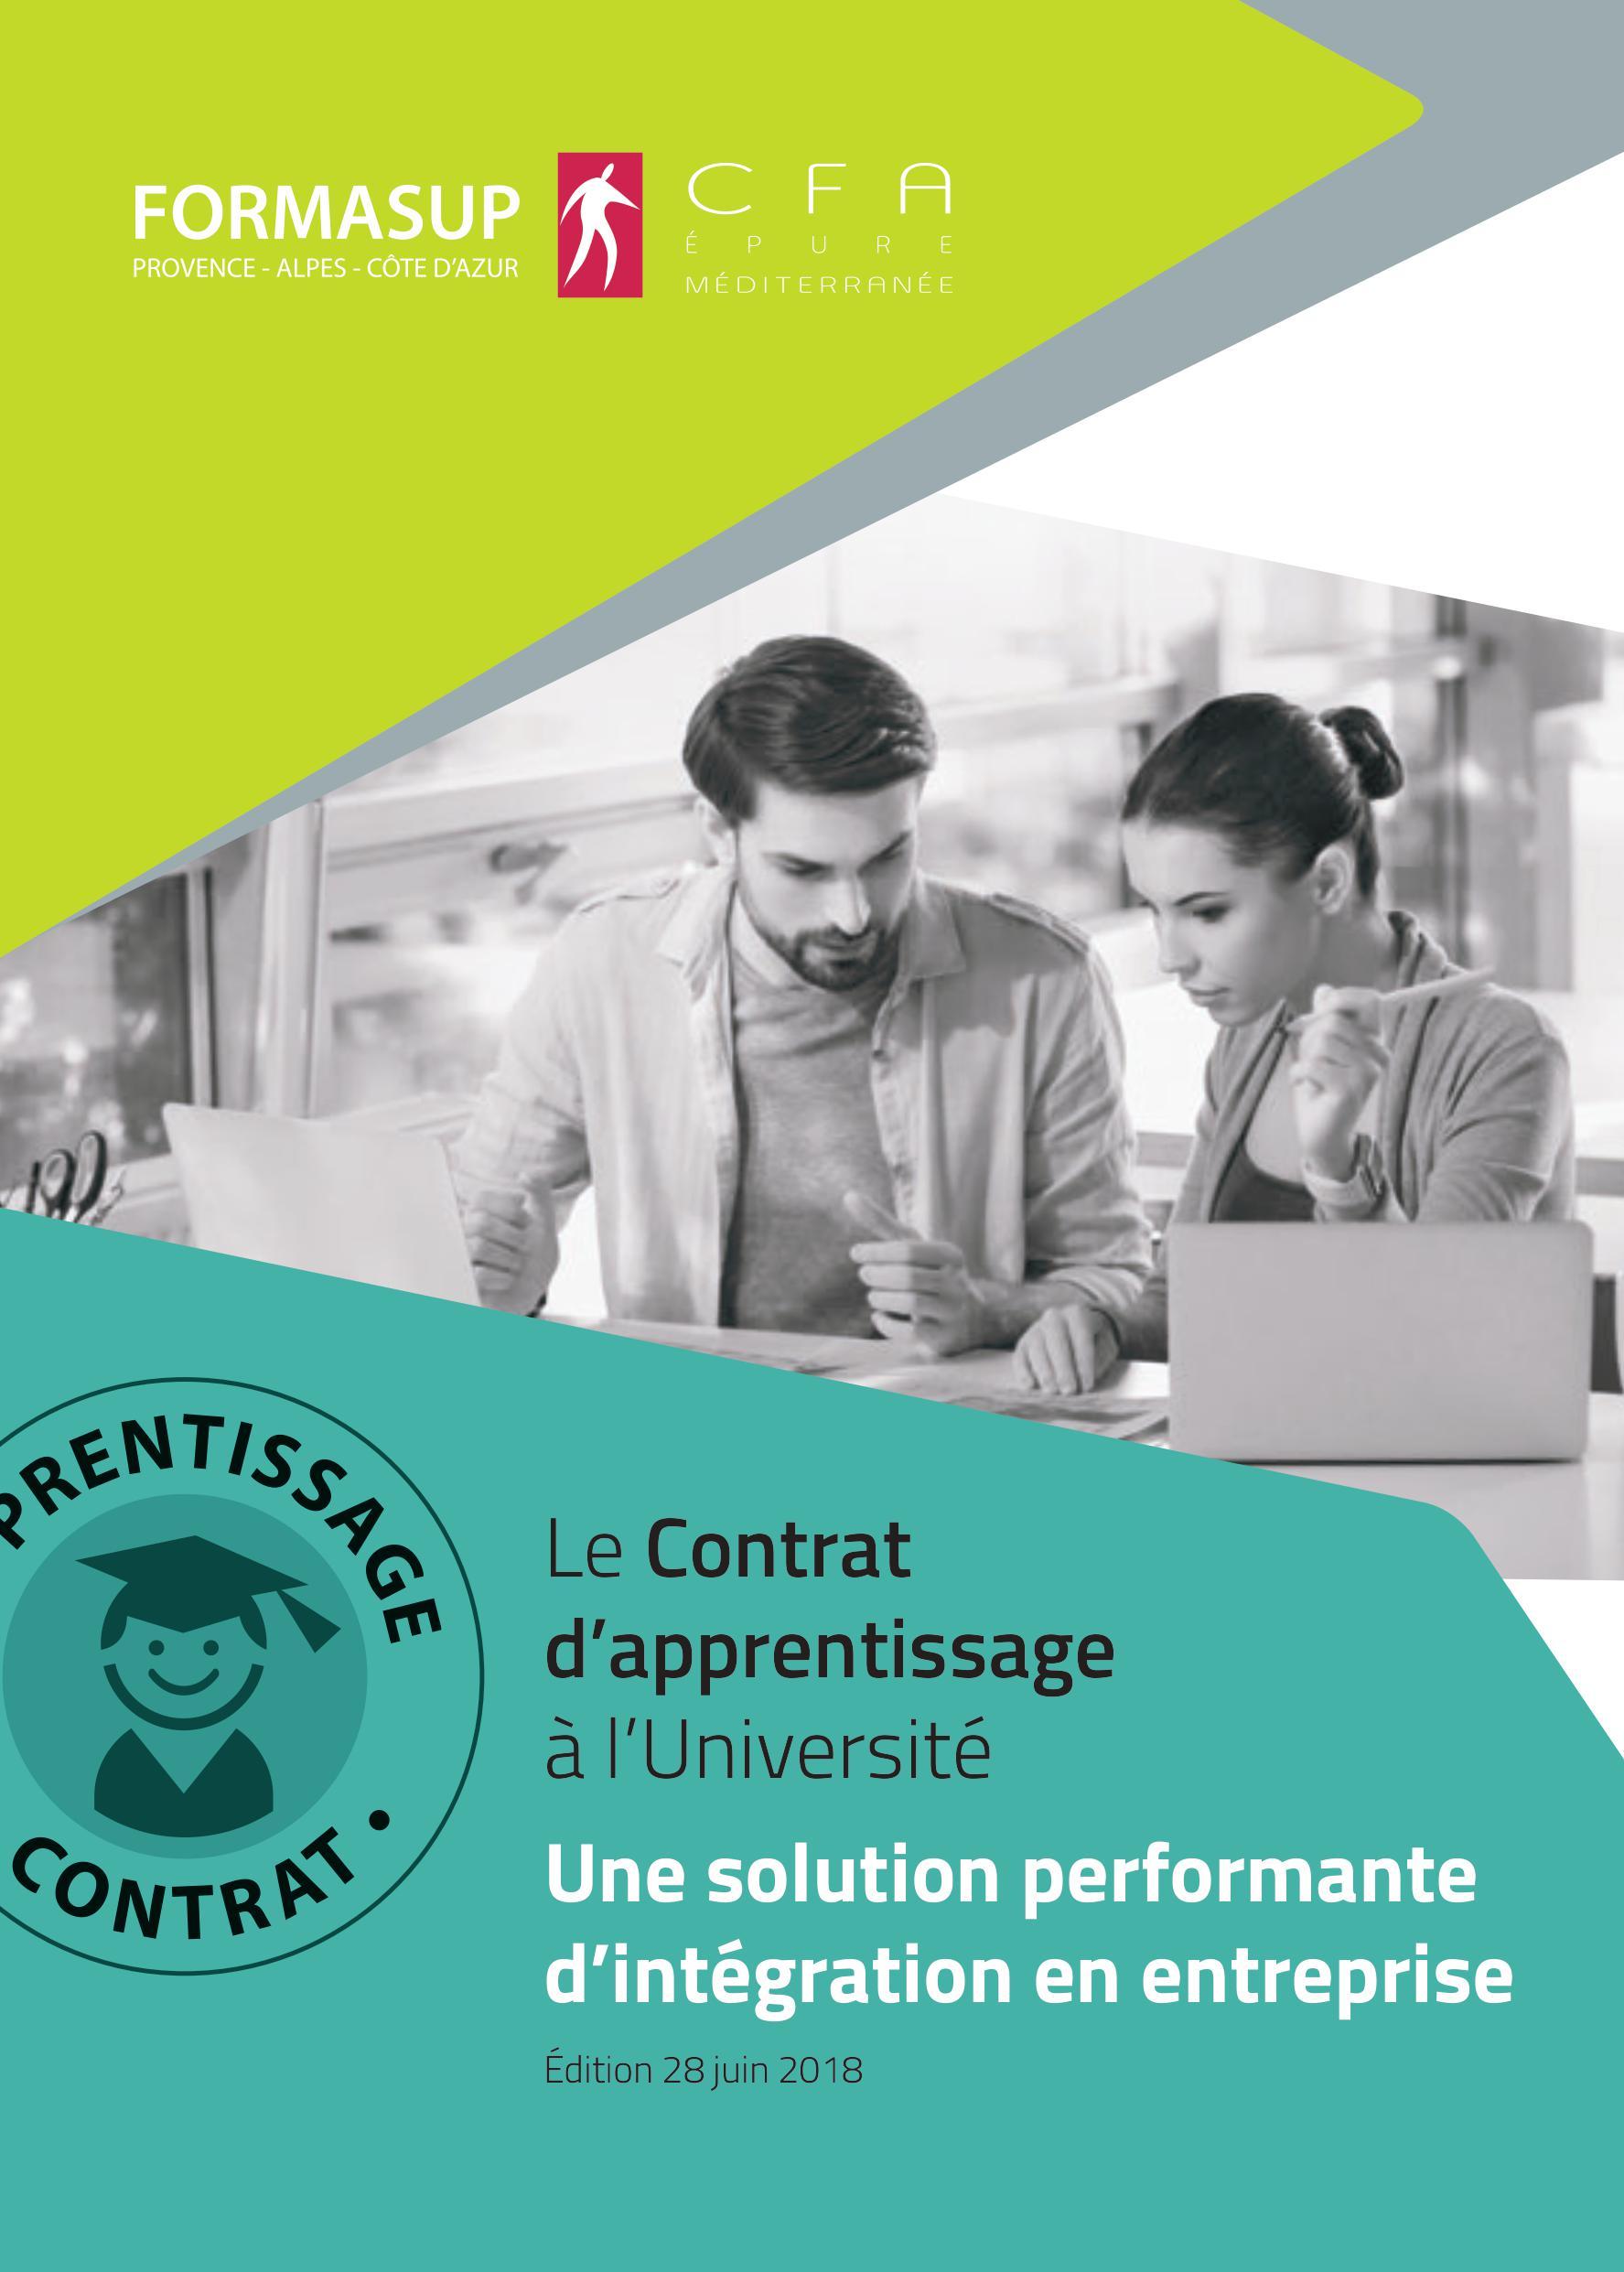 Ouverture de nouvelles formations en apprentissage à la rentrée 2018-2019 au CFA Epure Méditerranée